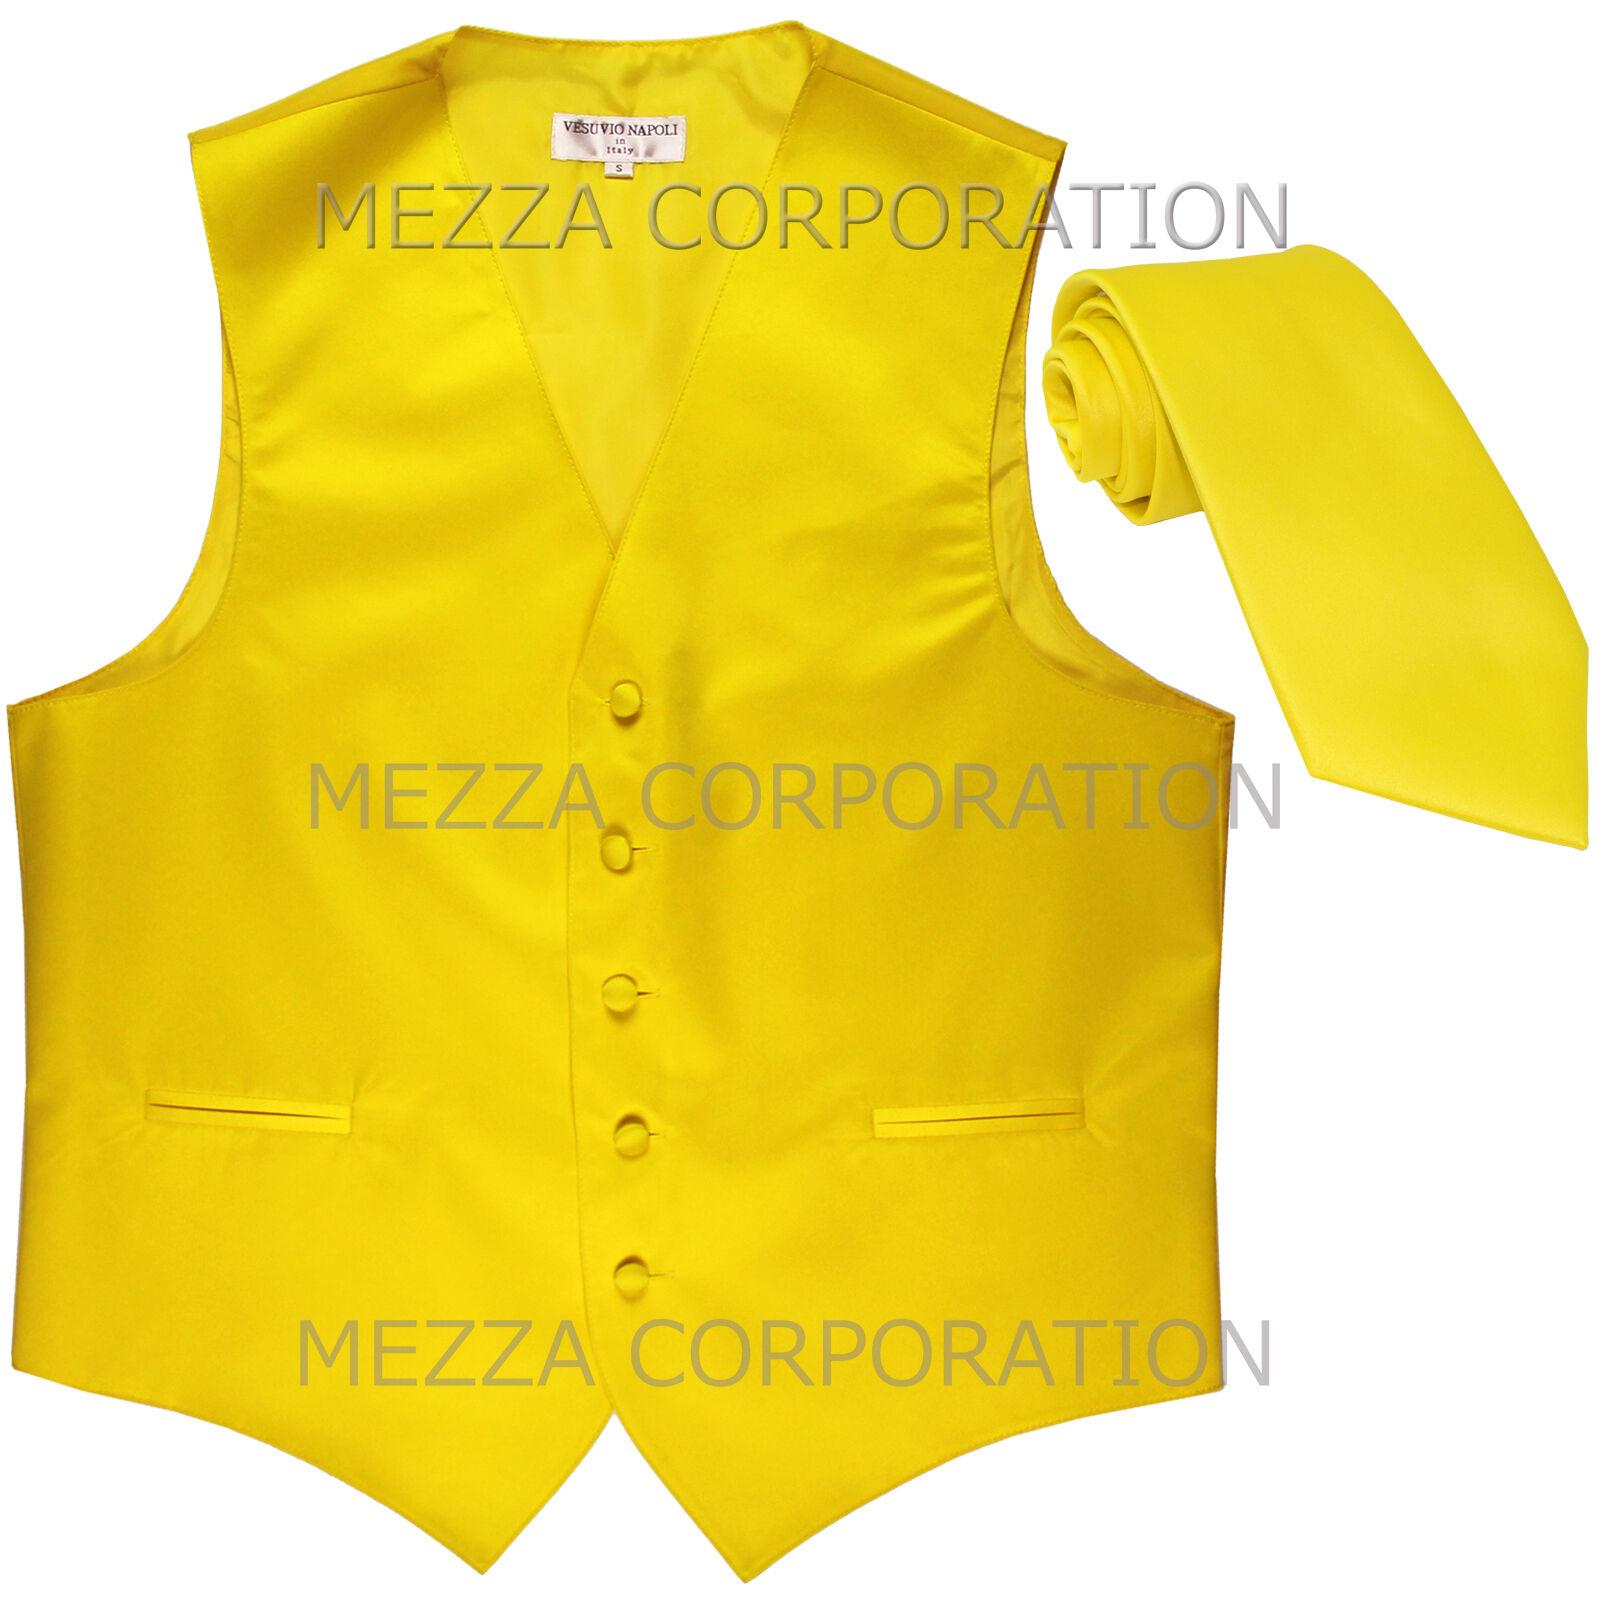 New Men's Vesuvio Napoli Tuxedo Vest Waistcoat Necktie prom wedding party Yellow